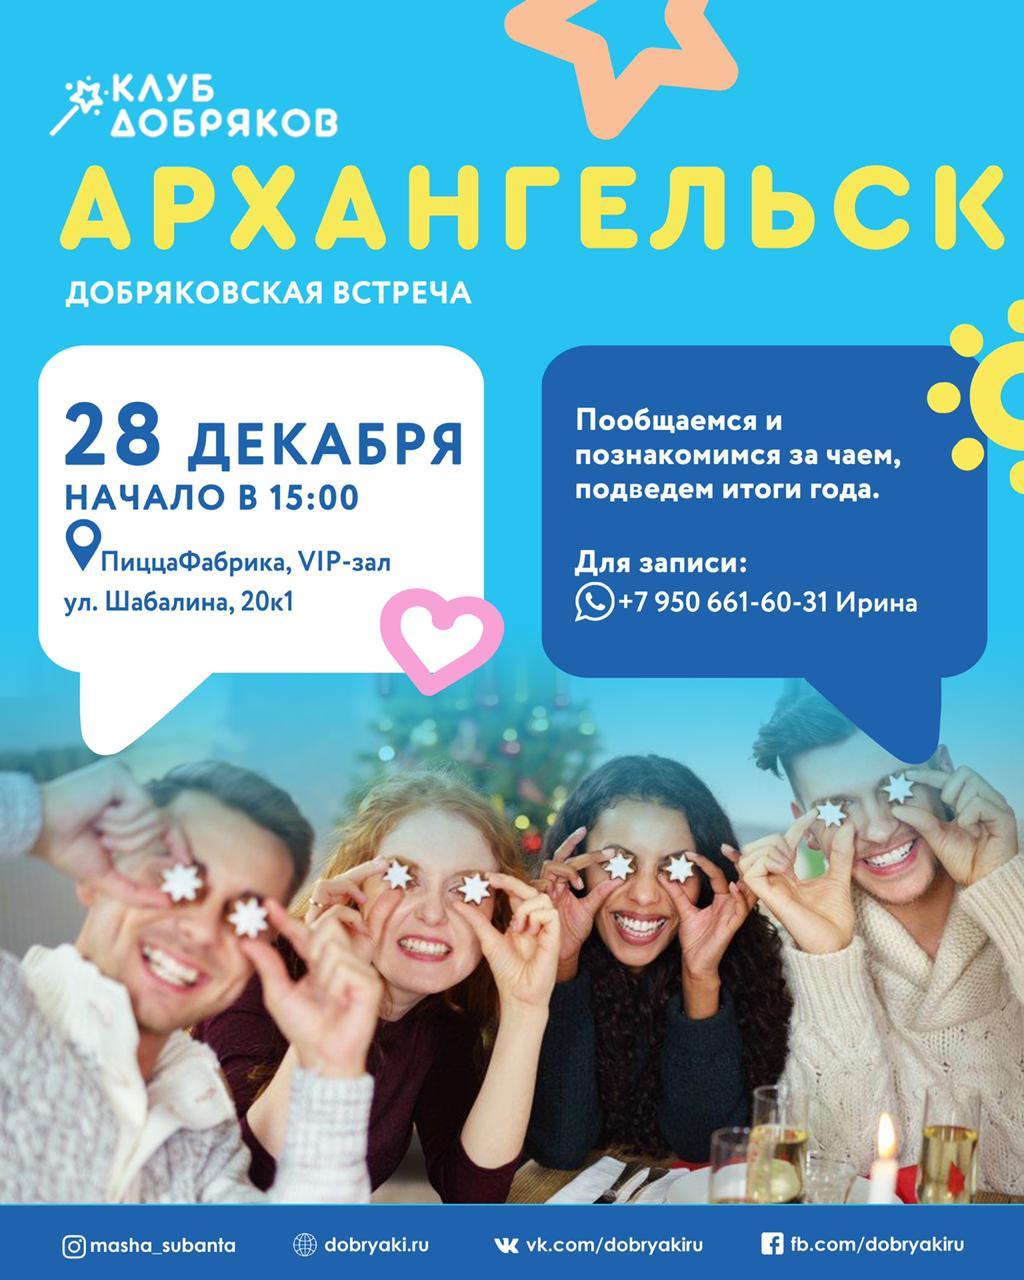 Добряки Архангельска отпразднуют Новый год